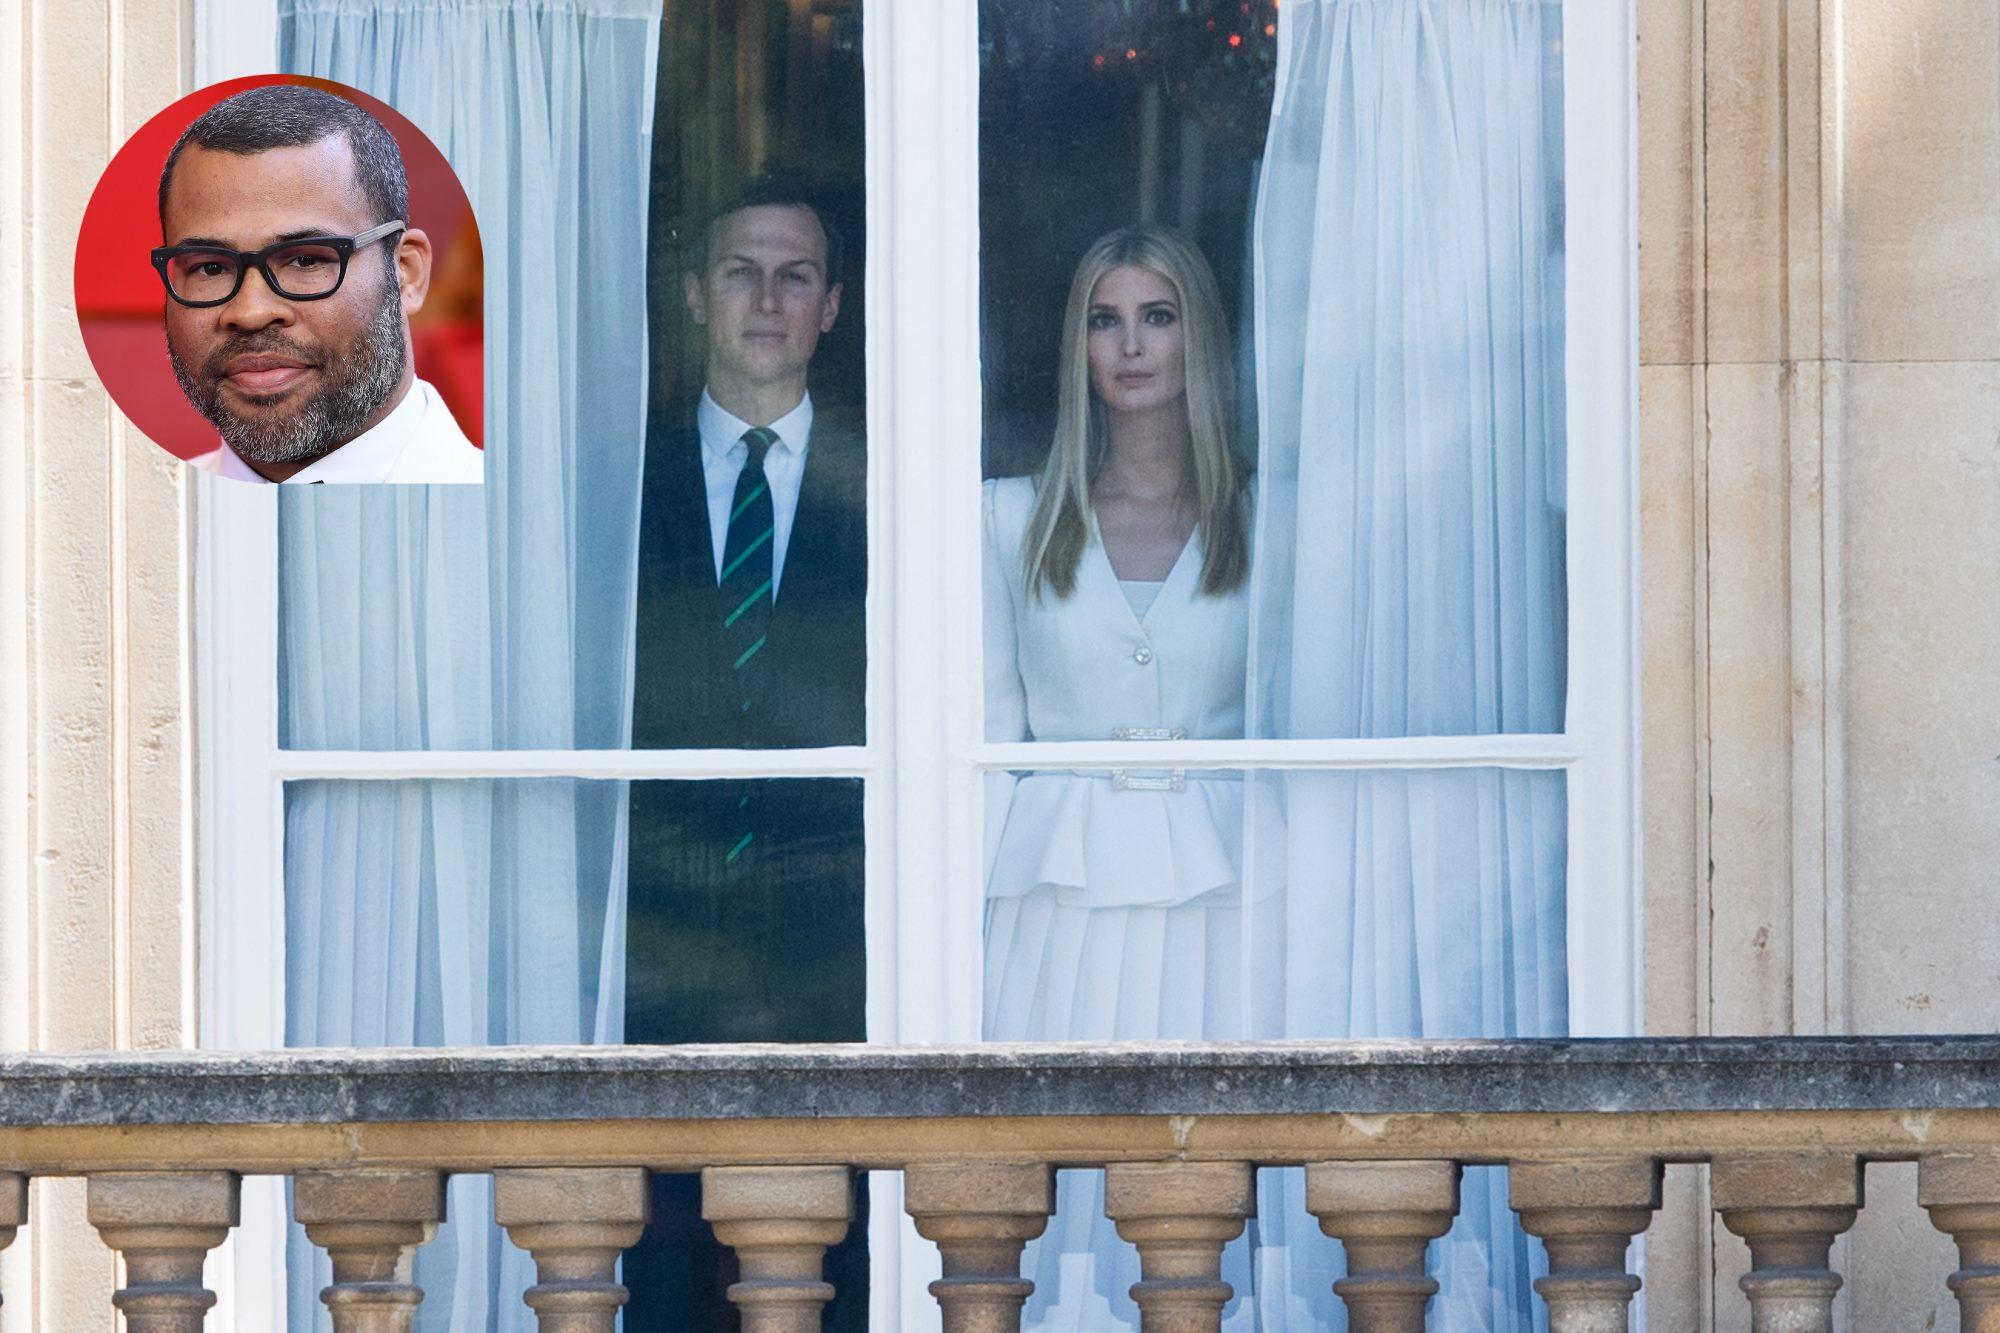 Jared Kushner, Ivanka Trump, Jordan Peele